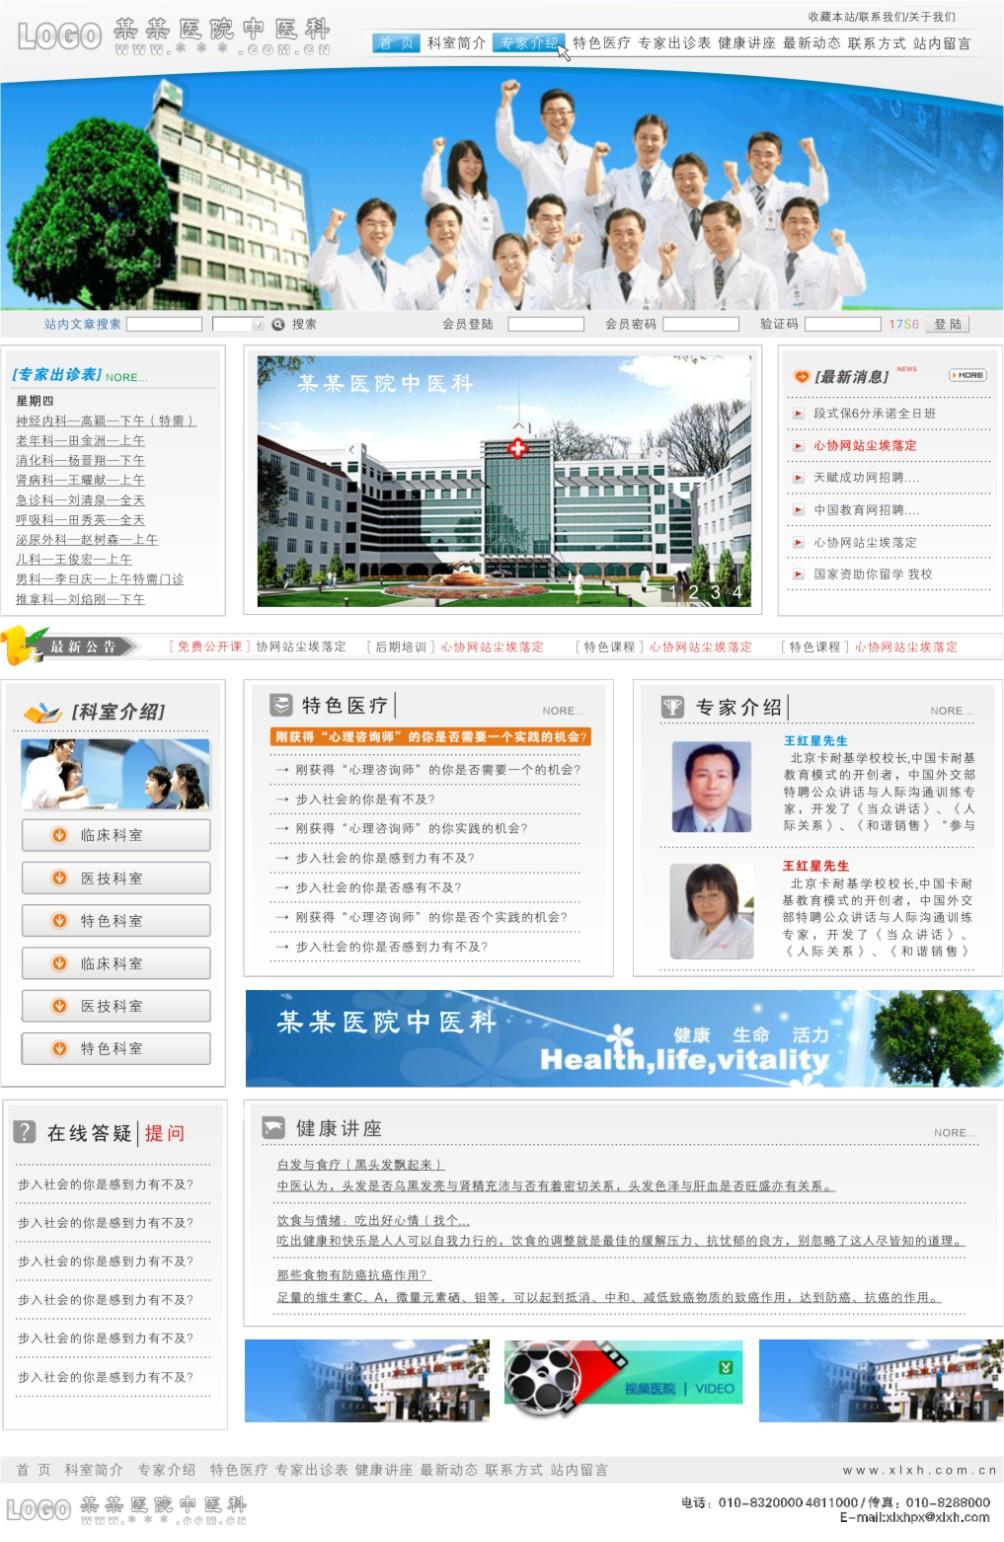 公司网站首页布局设计